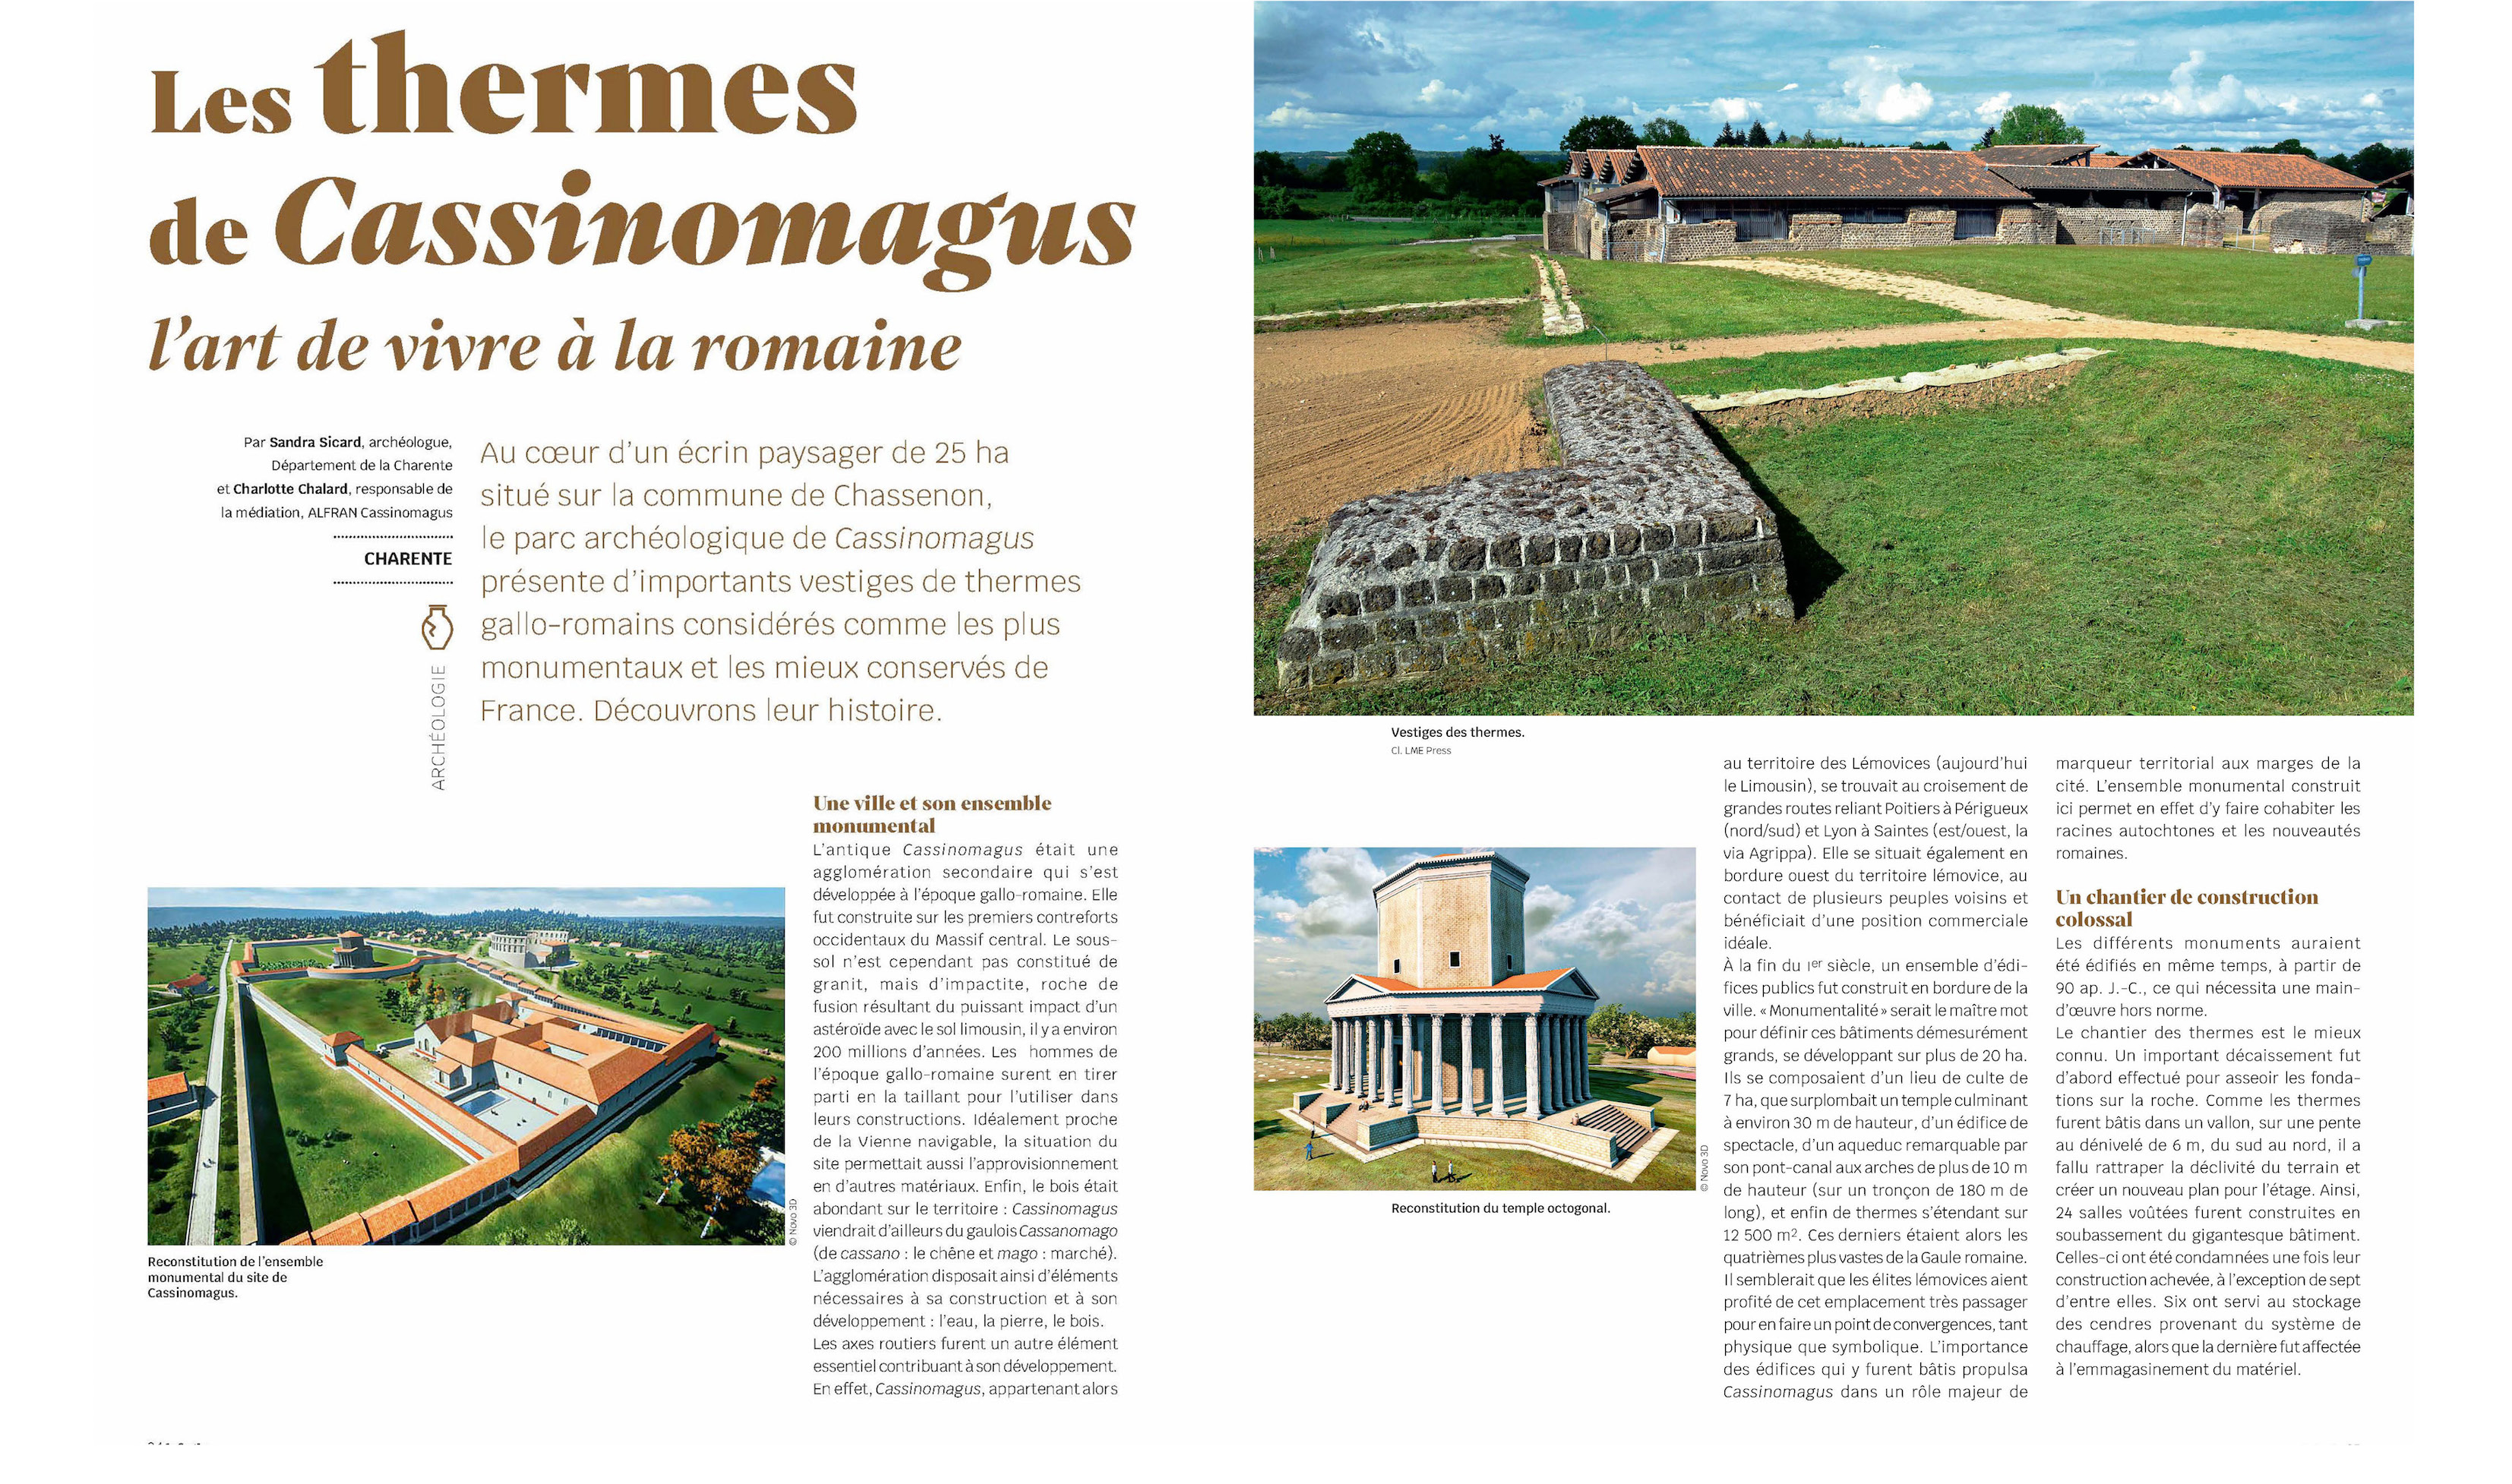 Les thermes de Cassinomagus